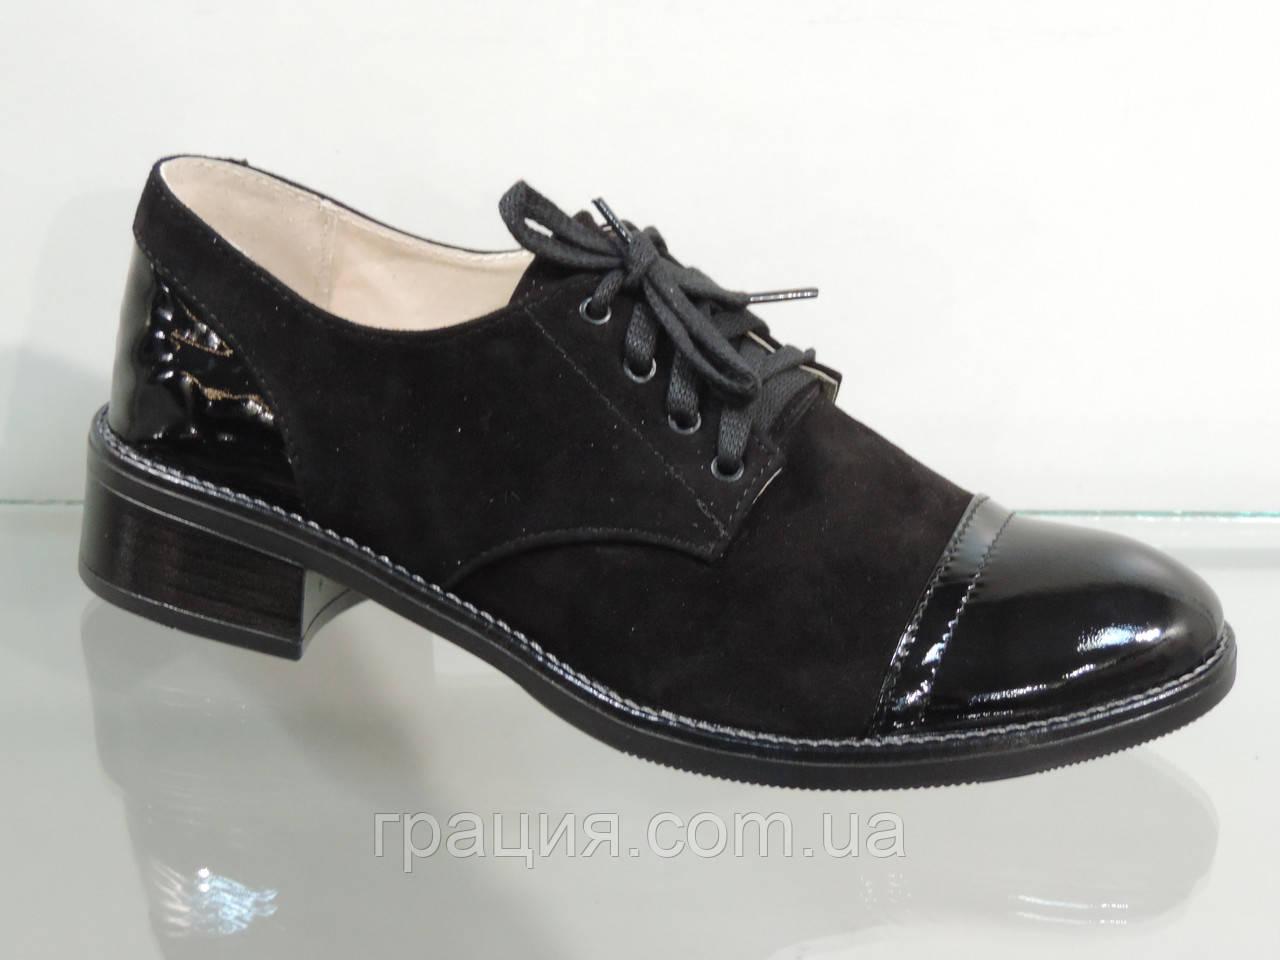 Стильные женские туфли на шнуровке лак/замша натуральная